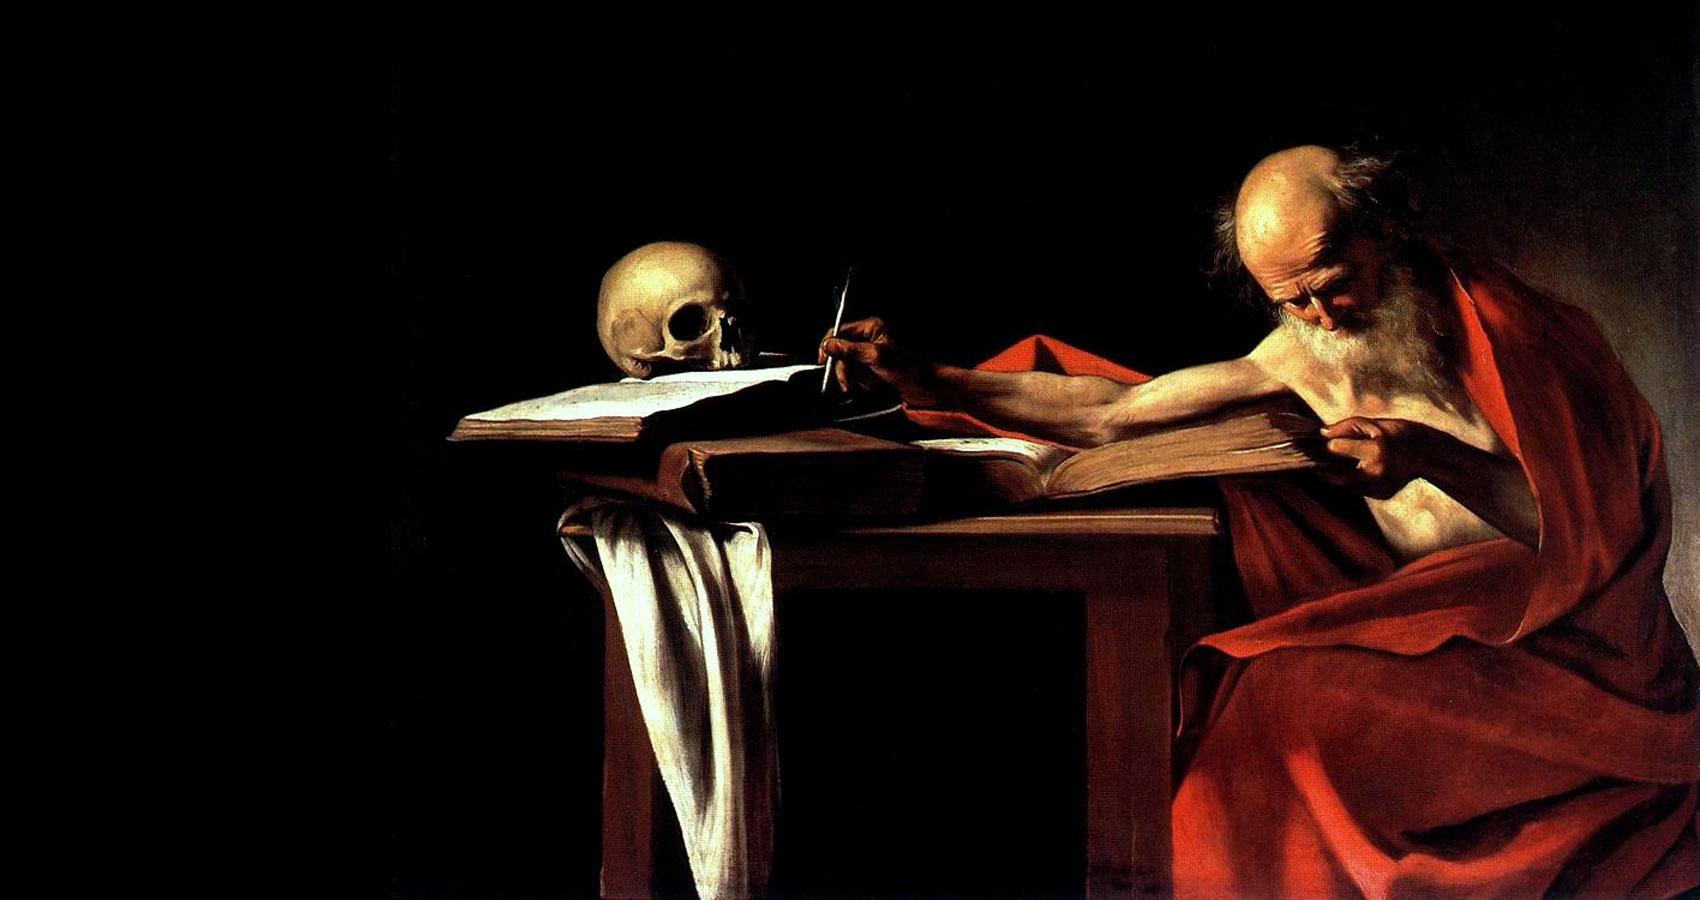 Replica Of A Skull written by Dan Leicht at Spillwords.com